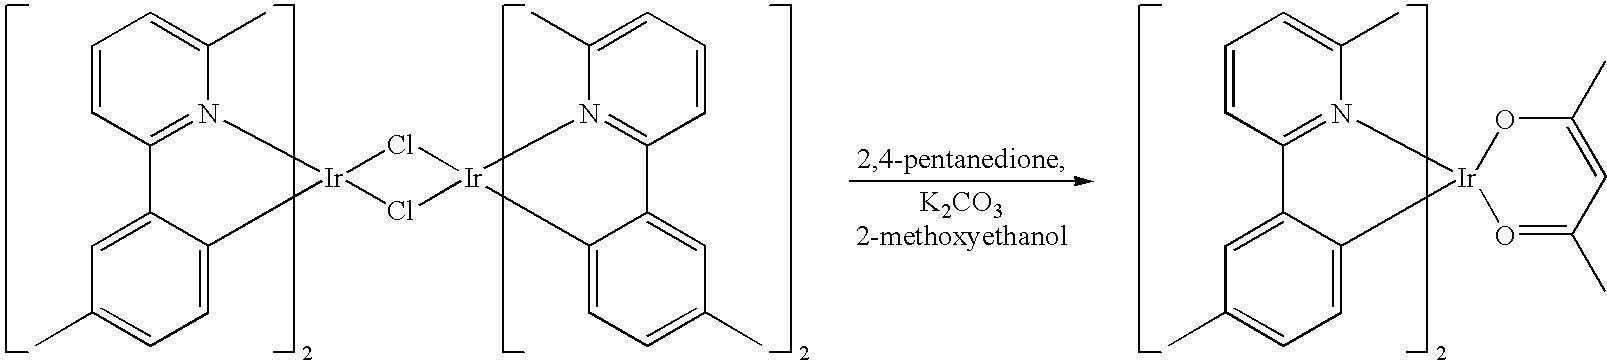 Figure US20090108737A1-20090430-C00080